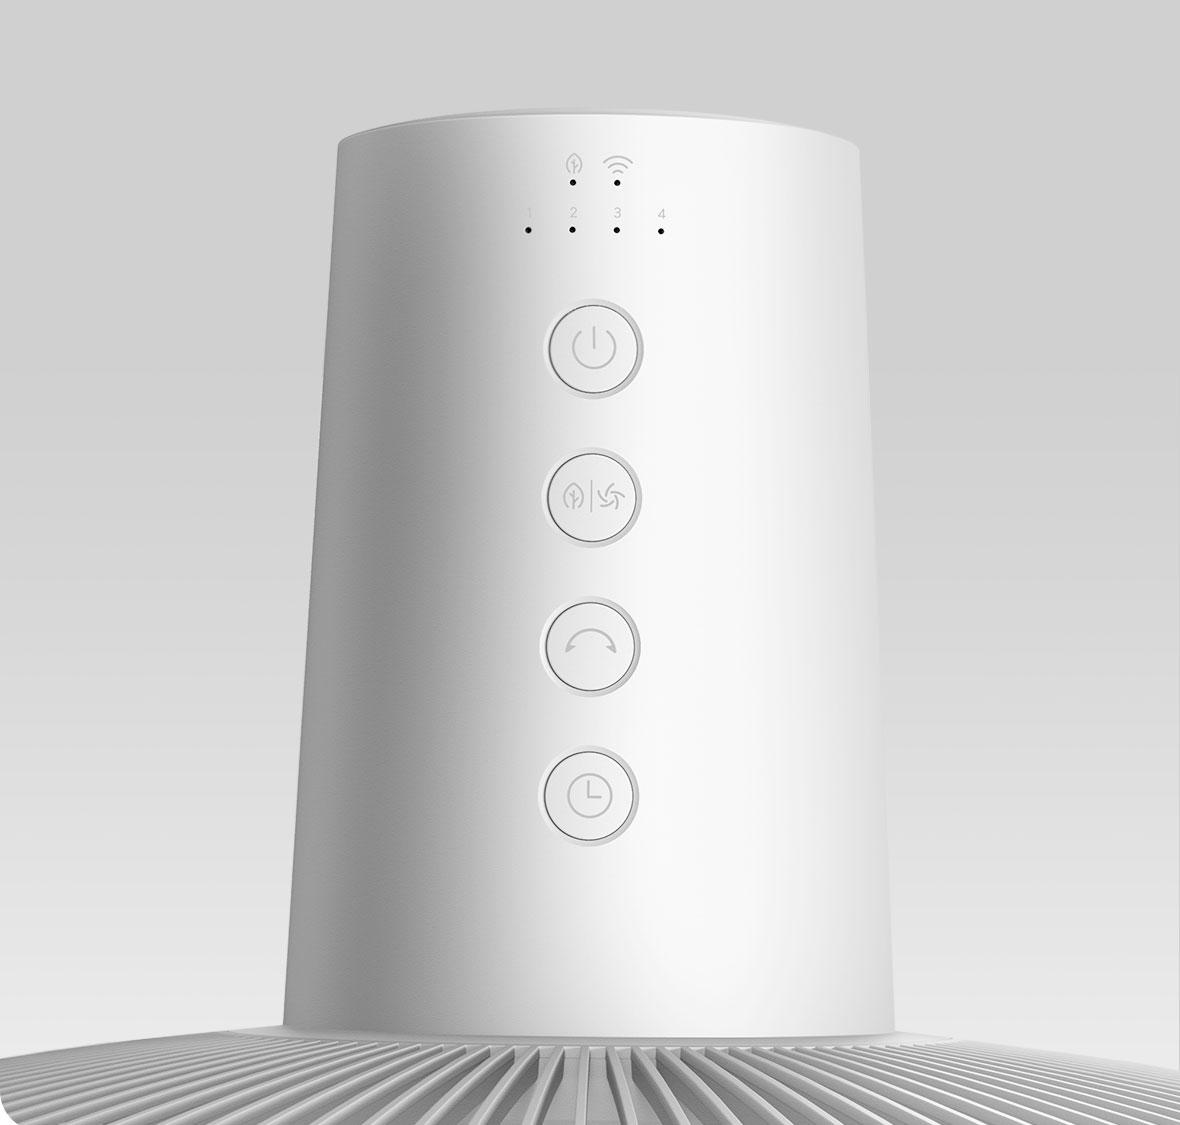 Xiaomi Mijia DC Standing Fan 1X